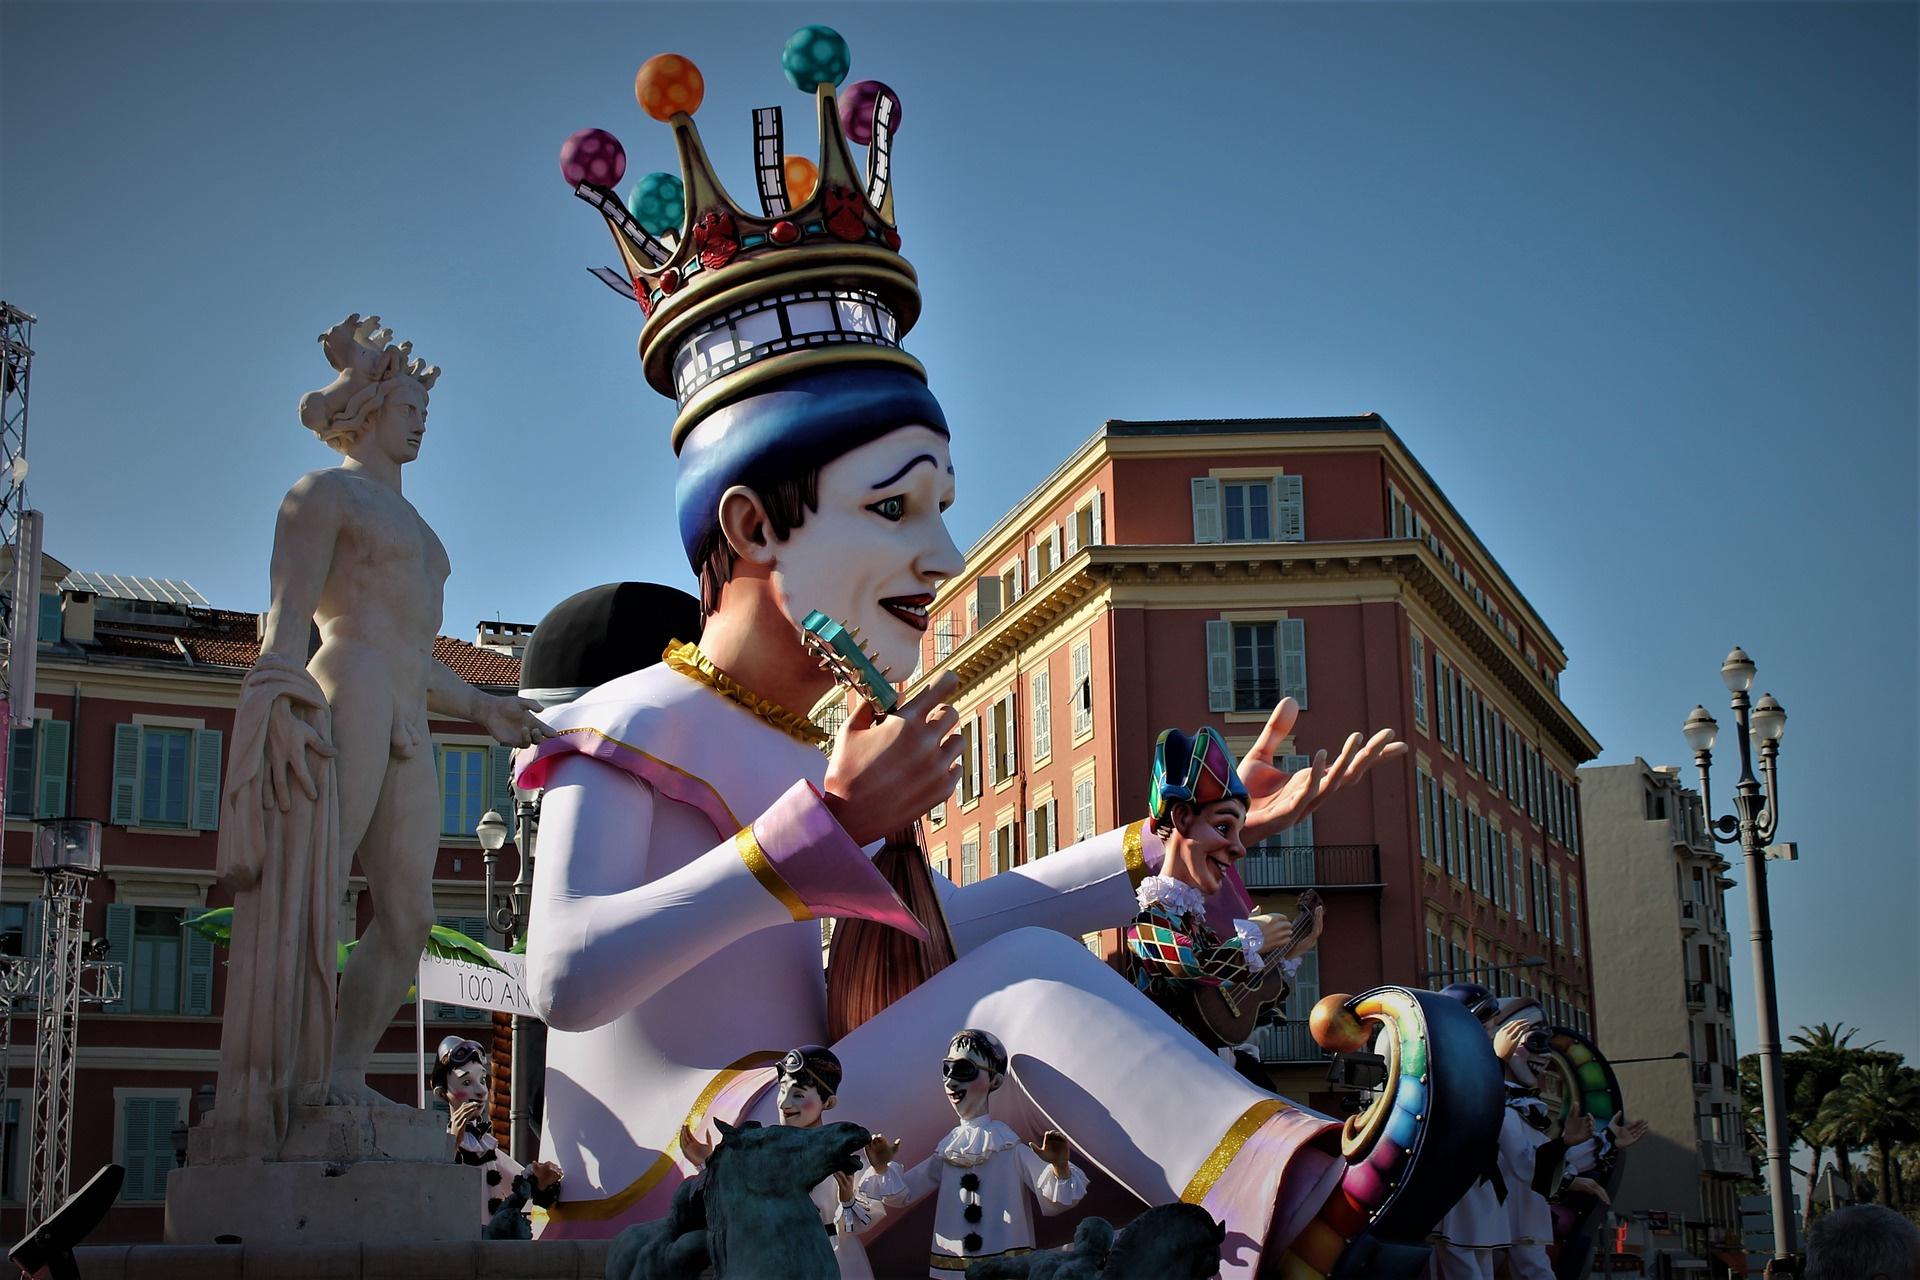 carnaval-de-nice-3.jpg